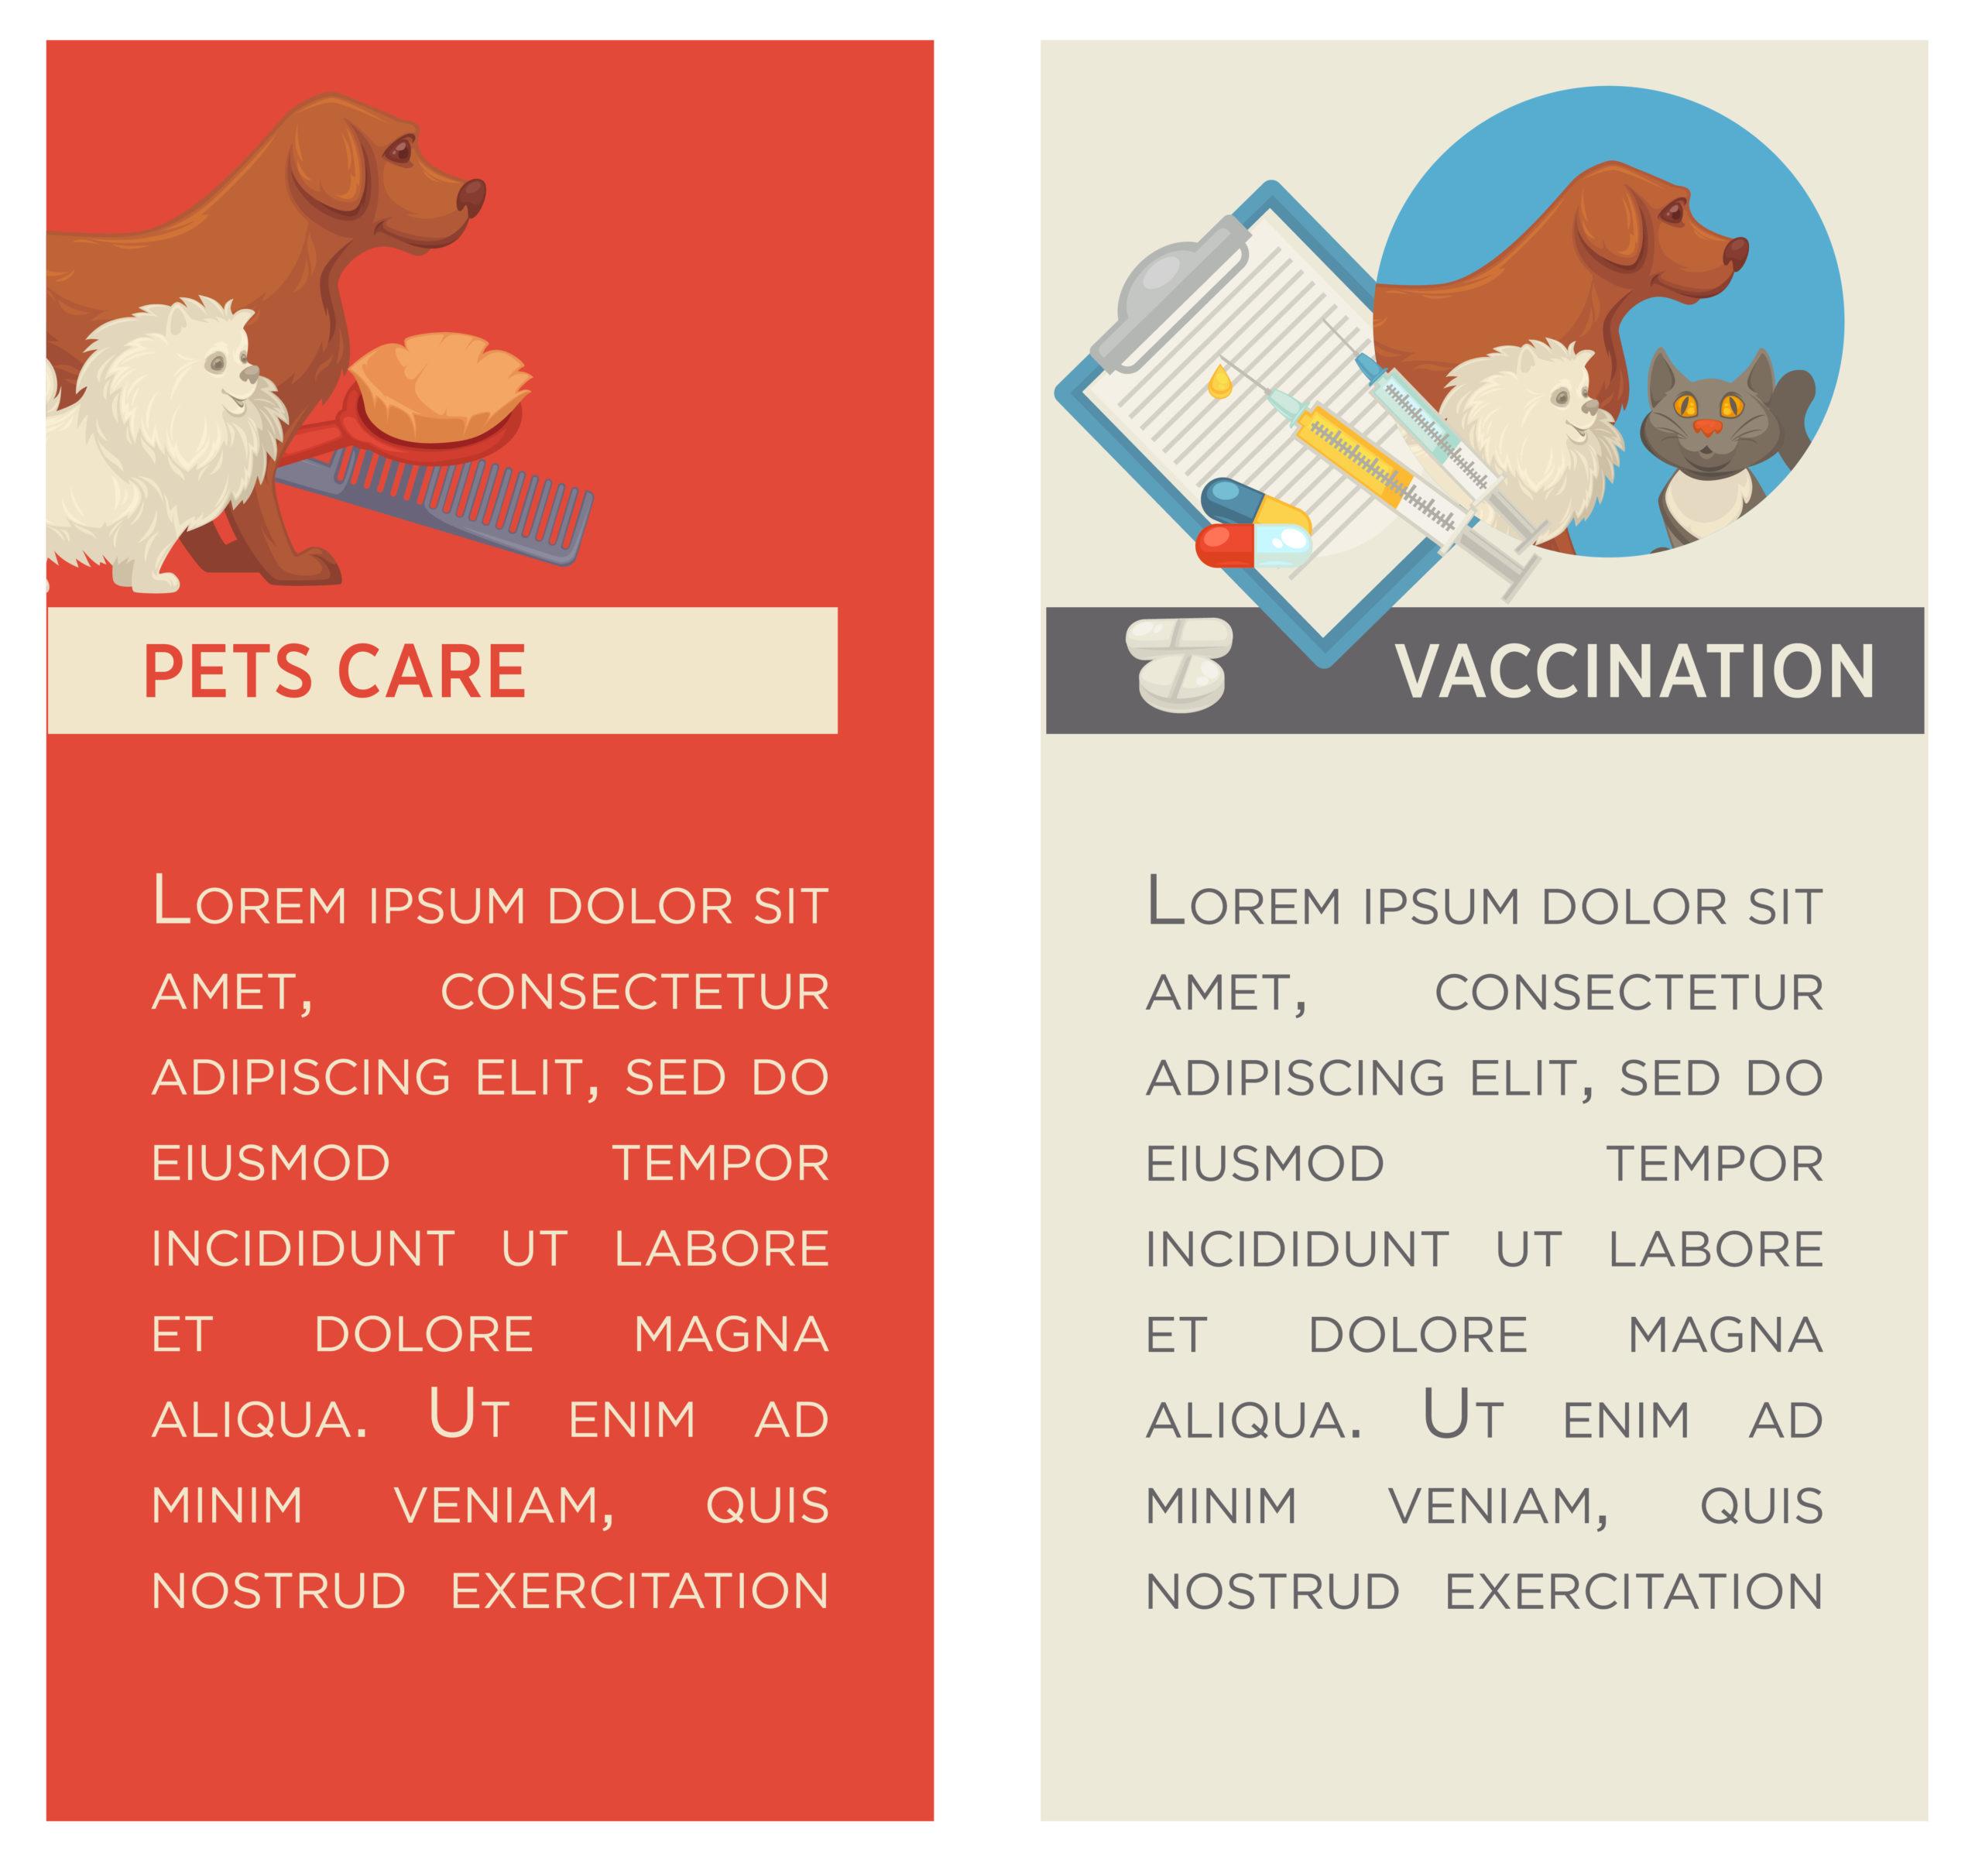 ネコの保険を選ぶ時のポイント